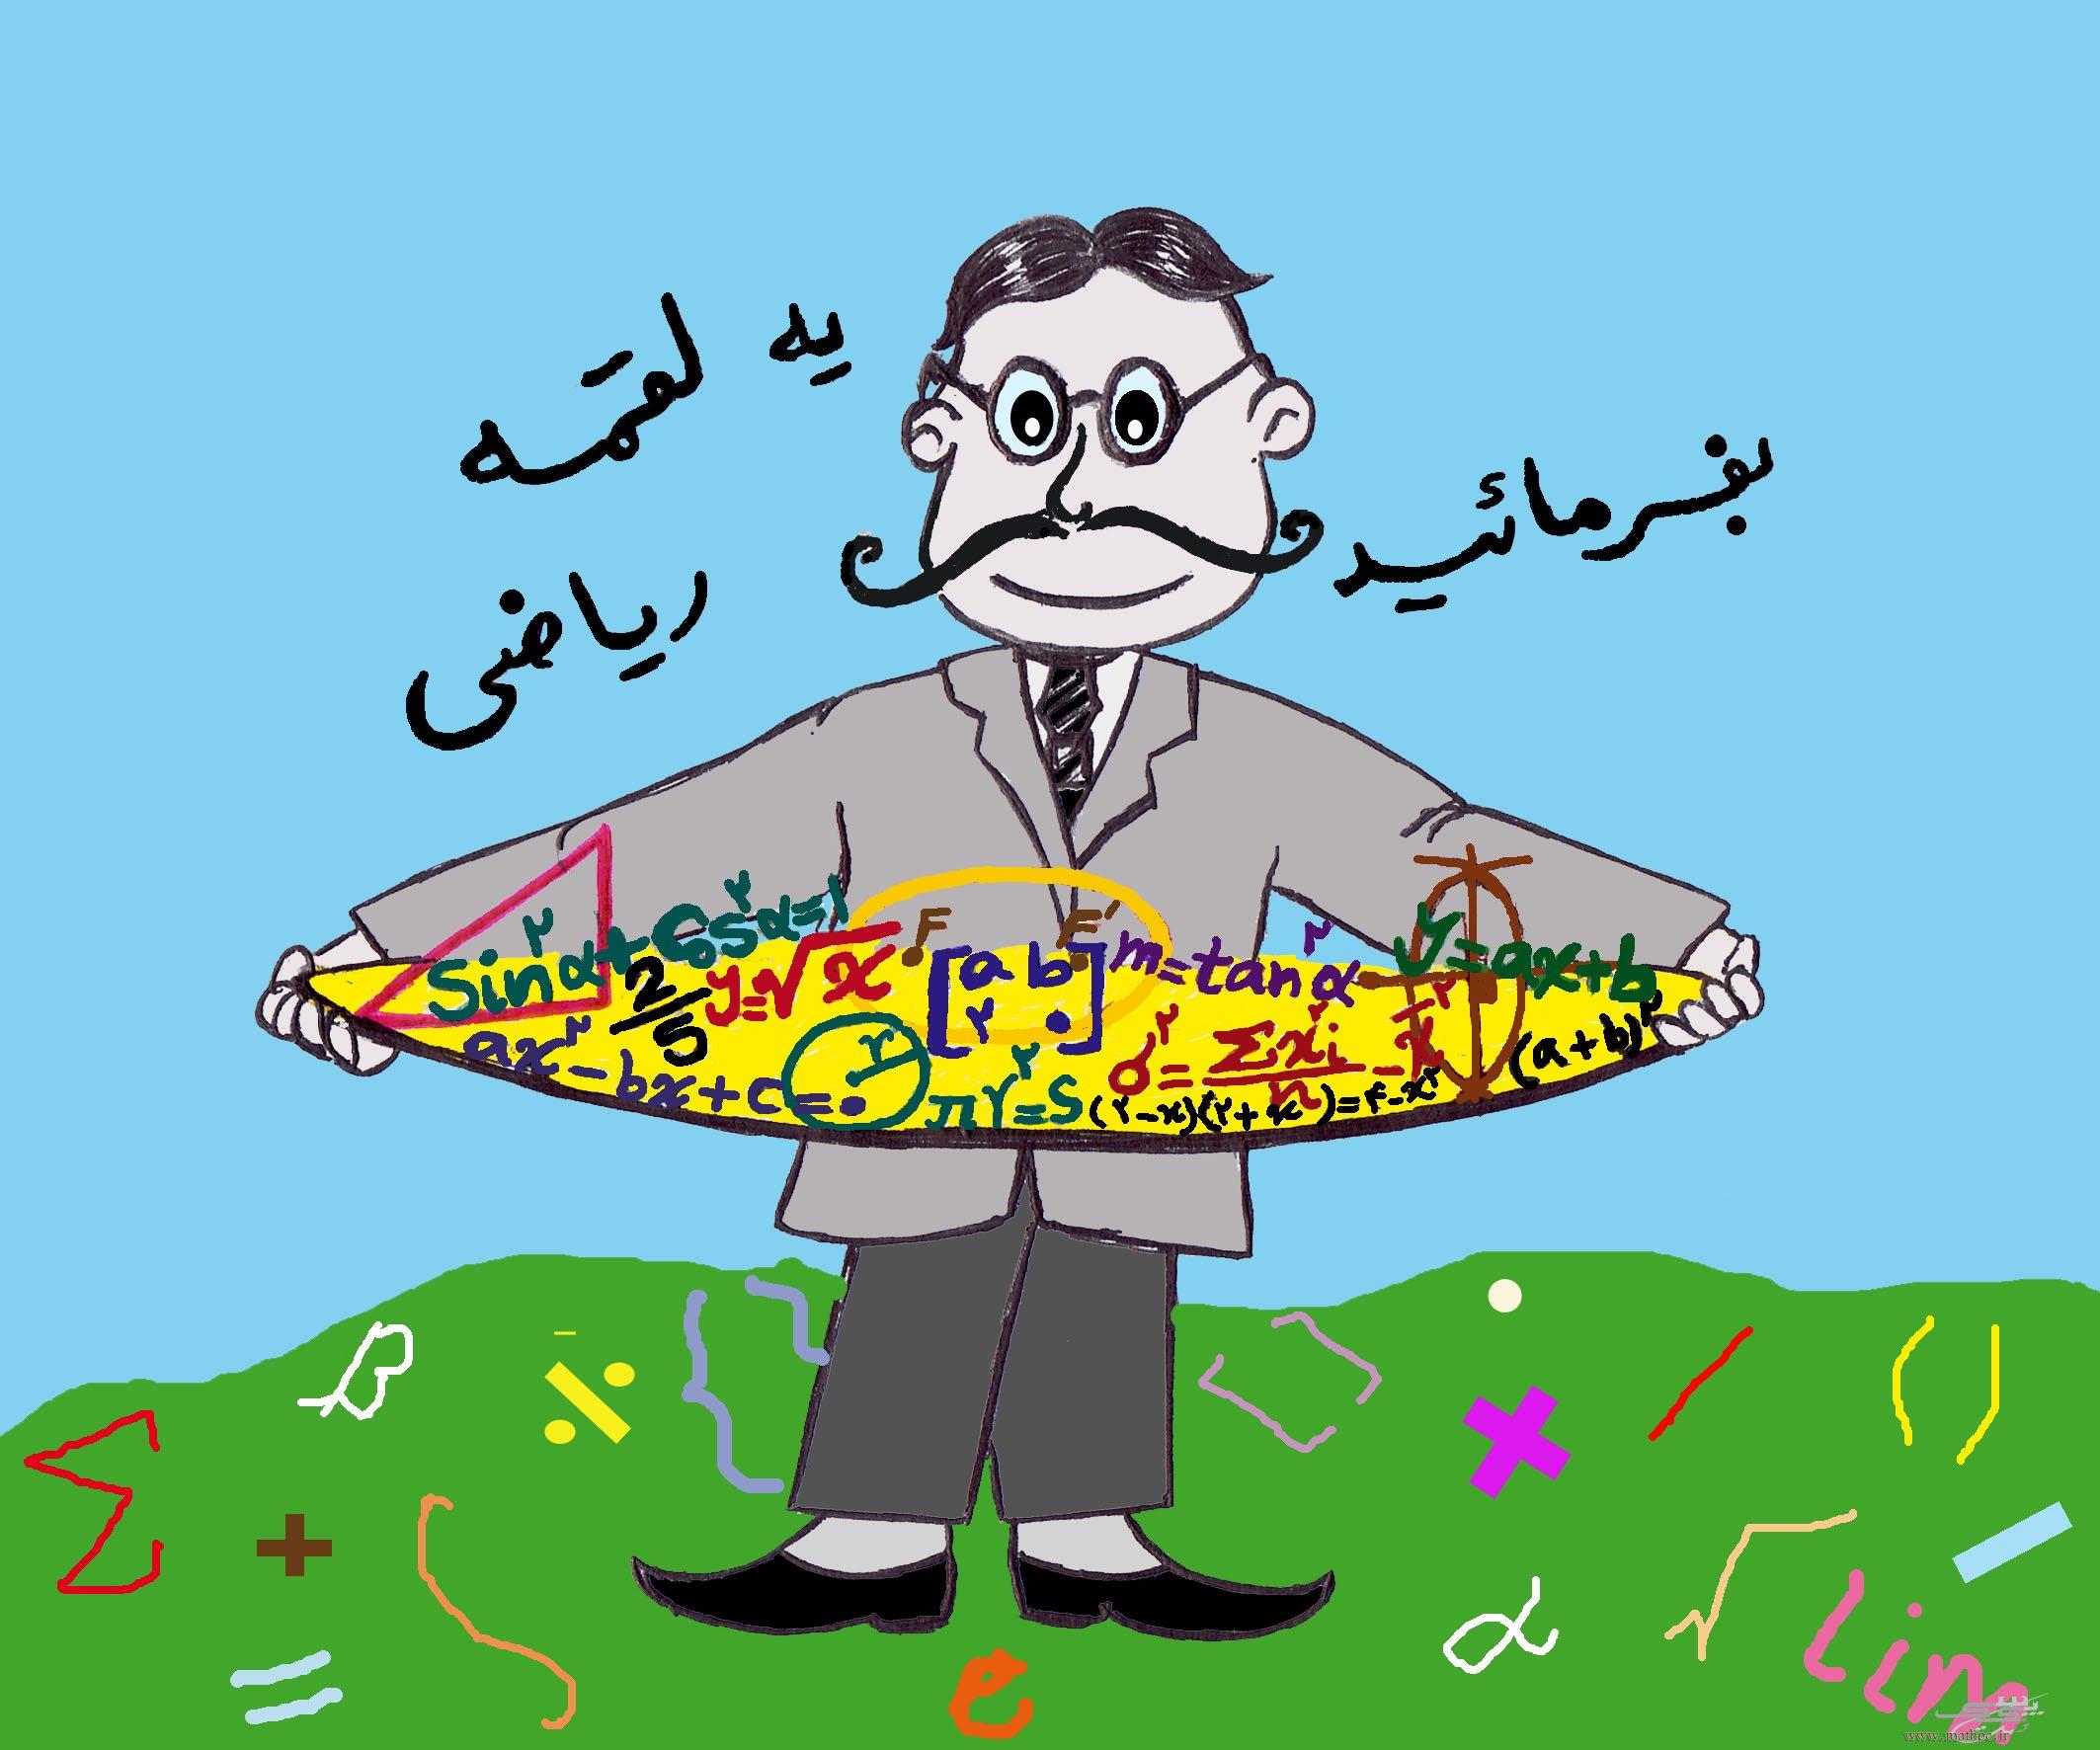 بزرگترین جمع بندی ریاضی کنکور 96 در شیراز